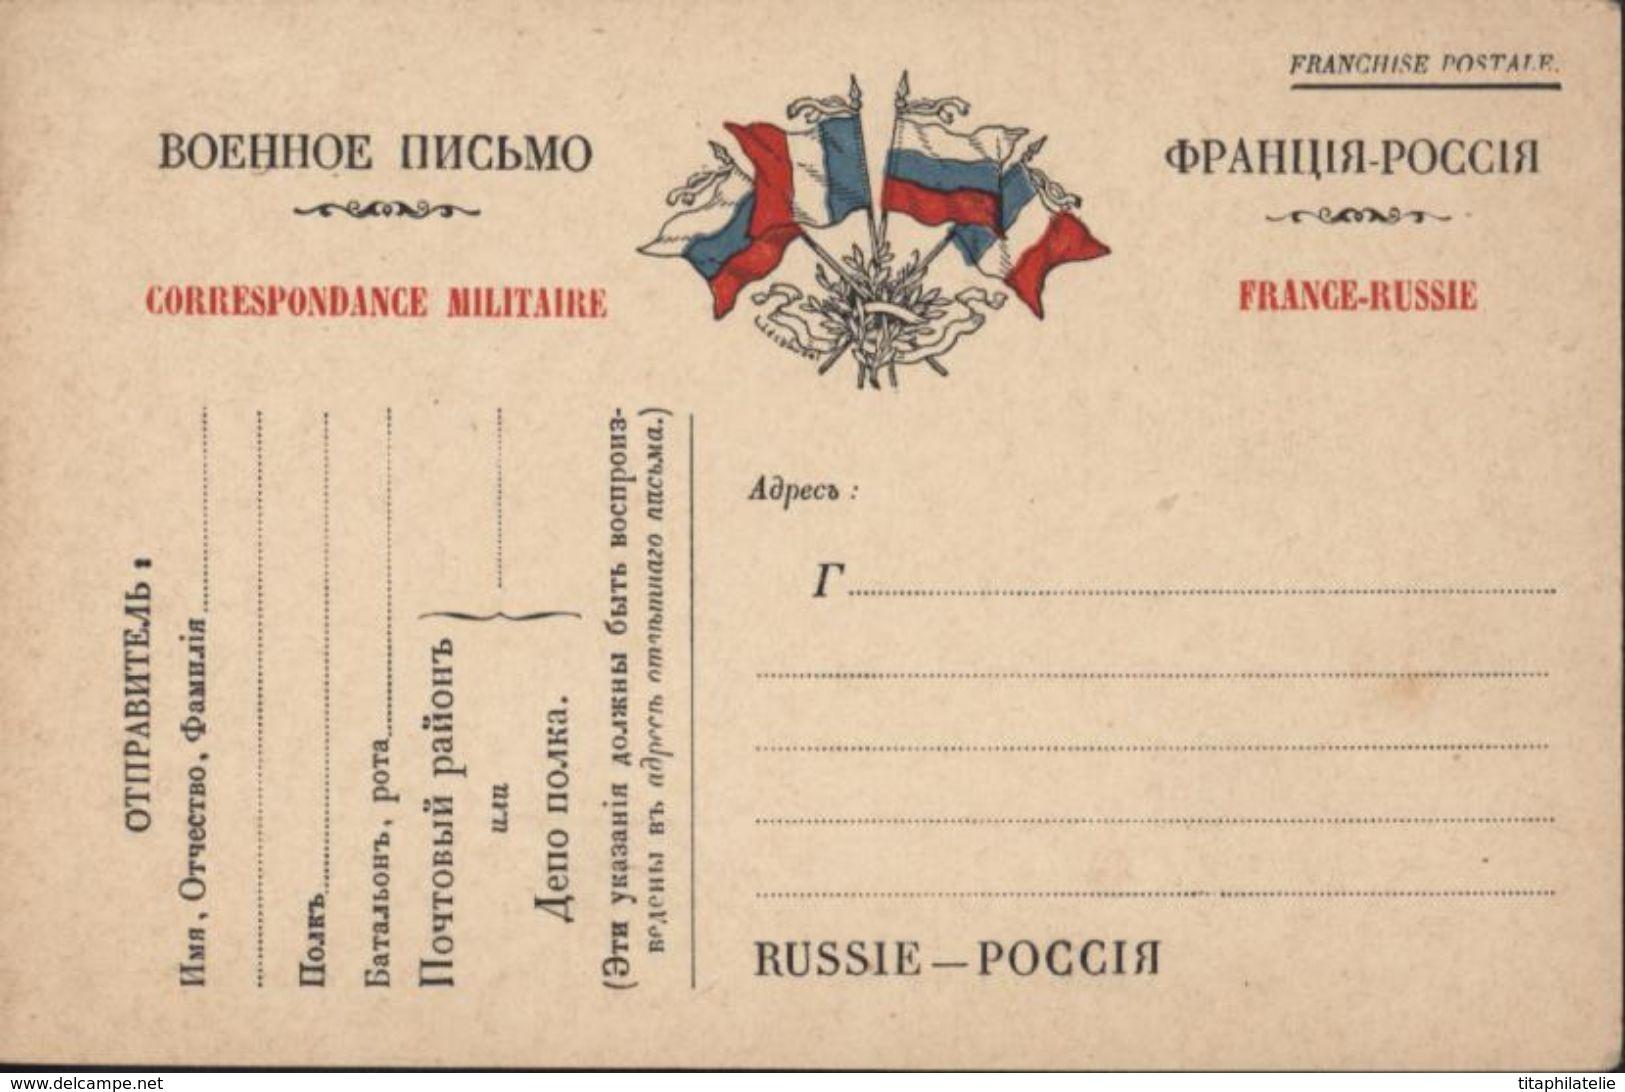 Carte Franchise Militaire Pour Troupes Russes En France 2 Drapeaux Français 2 Russes Lauriers Bilingue Cyrillique - Marcophilie (Lettres)